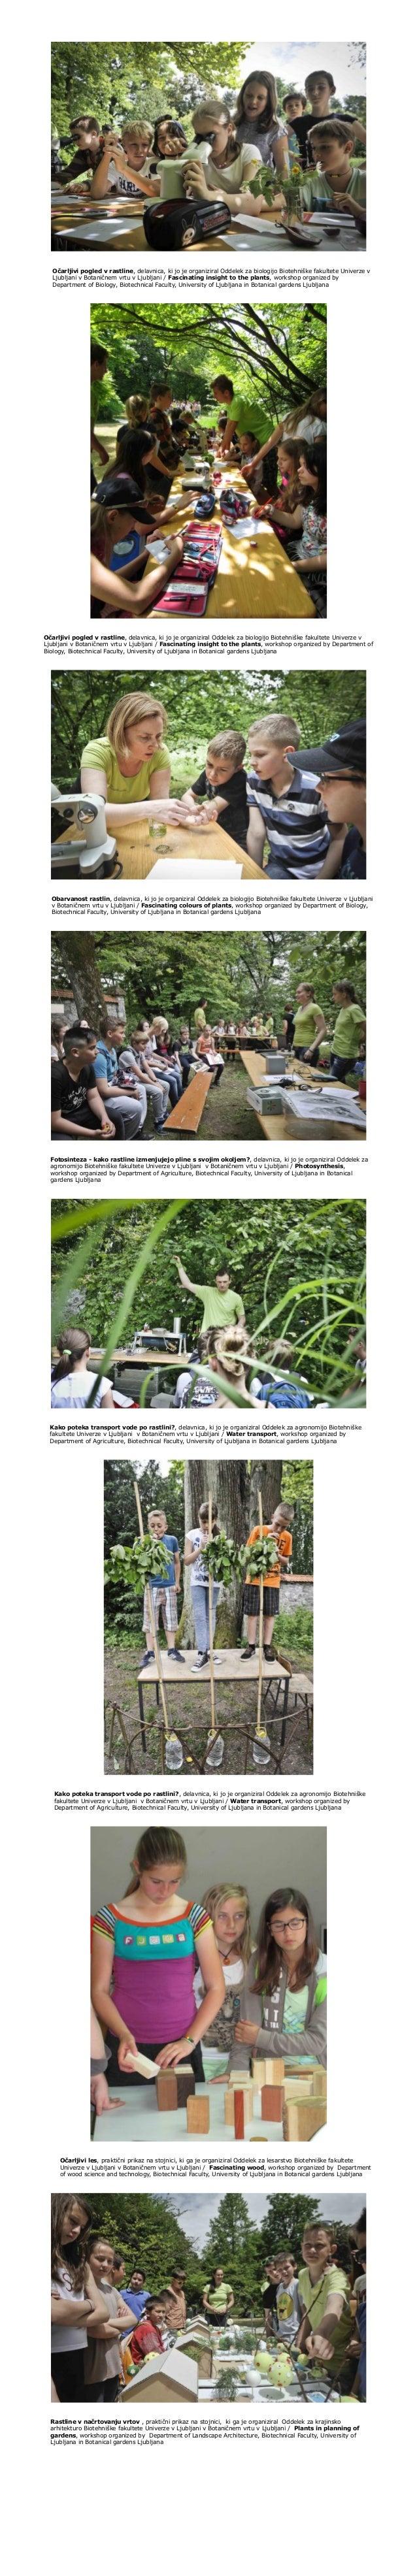 Očarljivi pogled v rastline, delavnica, ki jo je organiziral Oddelek za biologijo Biotehniške fakultete Univerze v Ljublja...